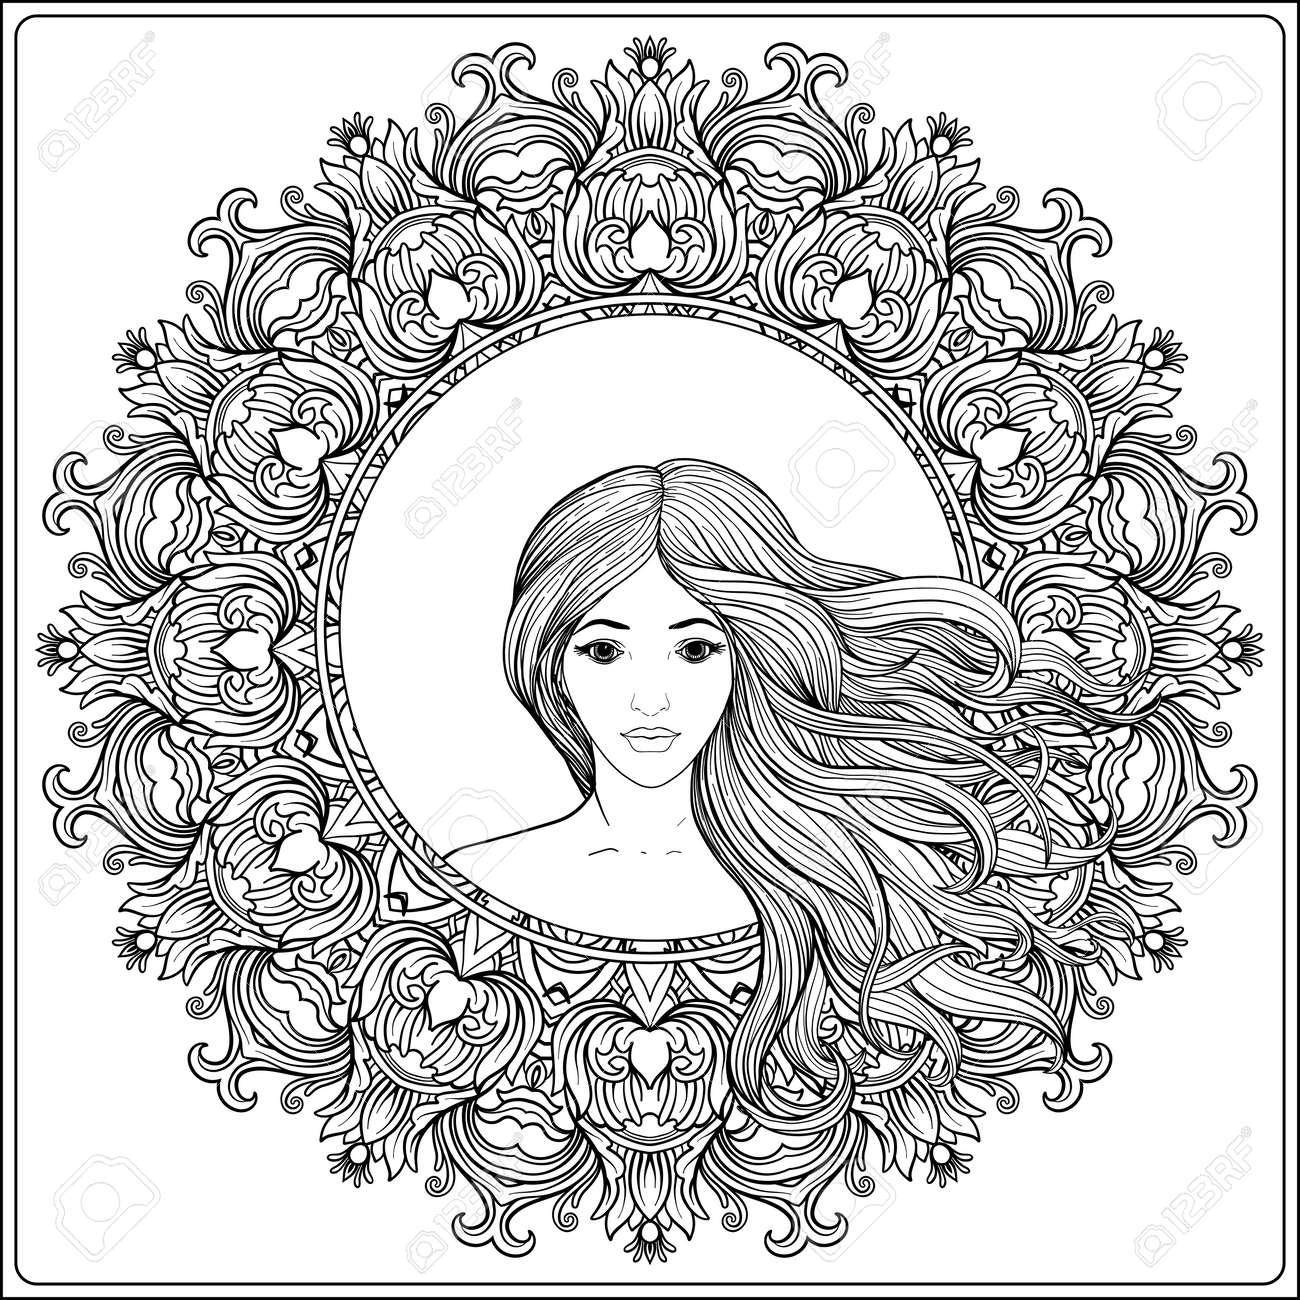 Coloriage Fille Cheveux Longs.Jeune Belle Fille Avec Des Cheveux Longs Dans Un Cadre A Motifs Floral Decore Riche Illustration Vectorielle De Stock Ligne Dessin Au Trait